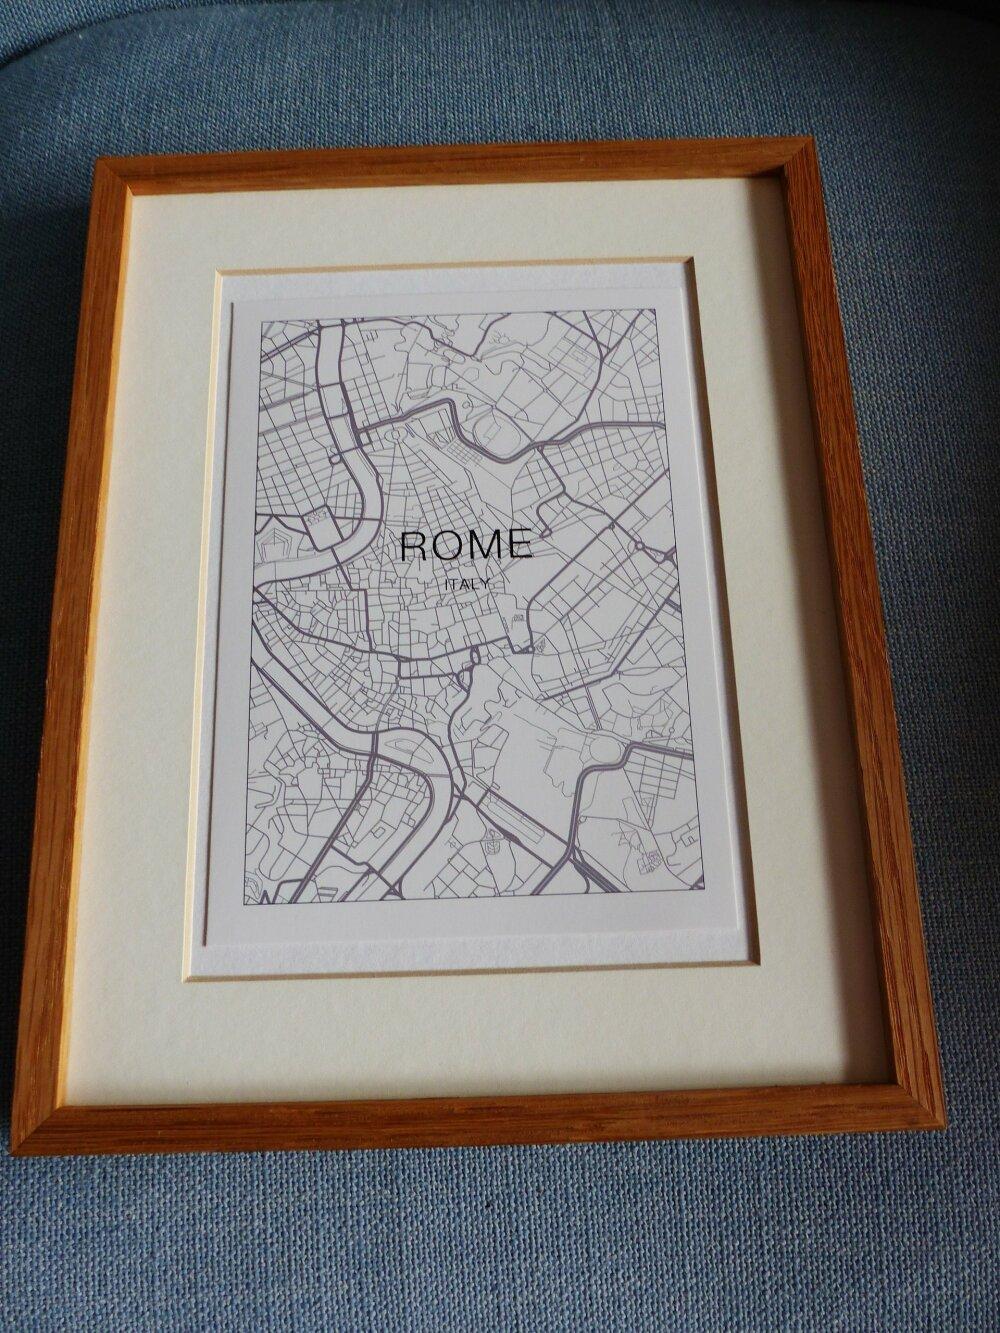 """affiche ROME Italy plan de ville city map   13 x 18 cm 5 x 7 """" papier cartonné pouces à encadrer"""